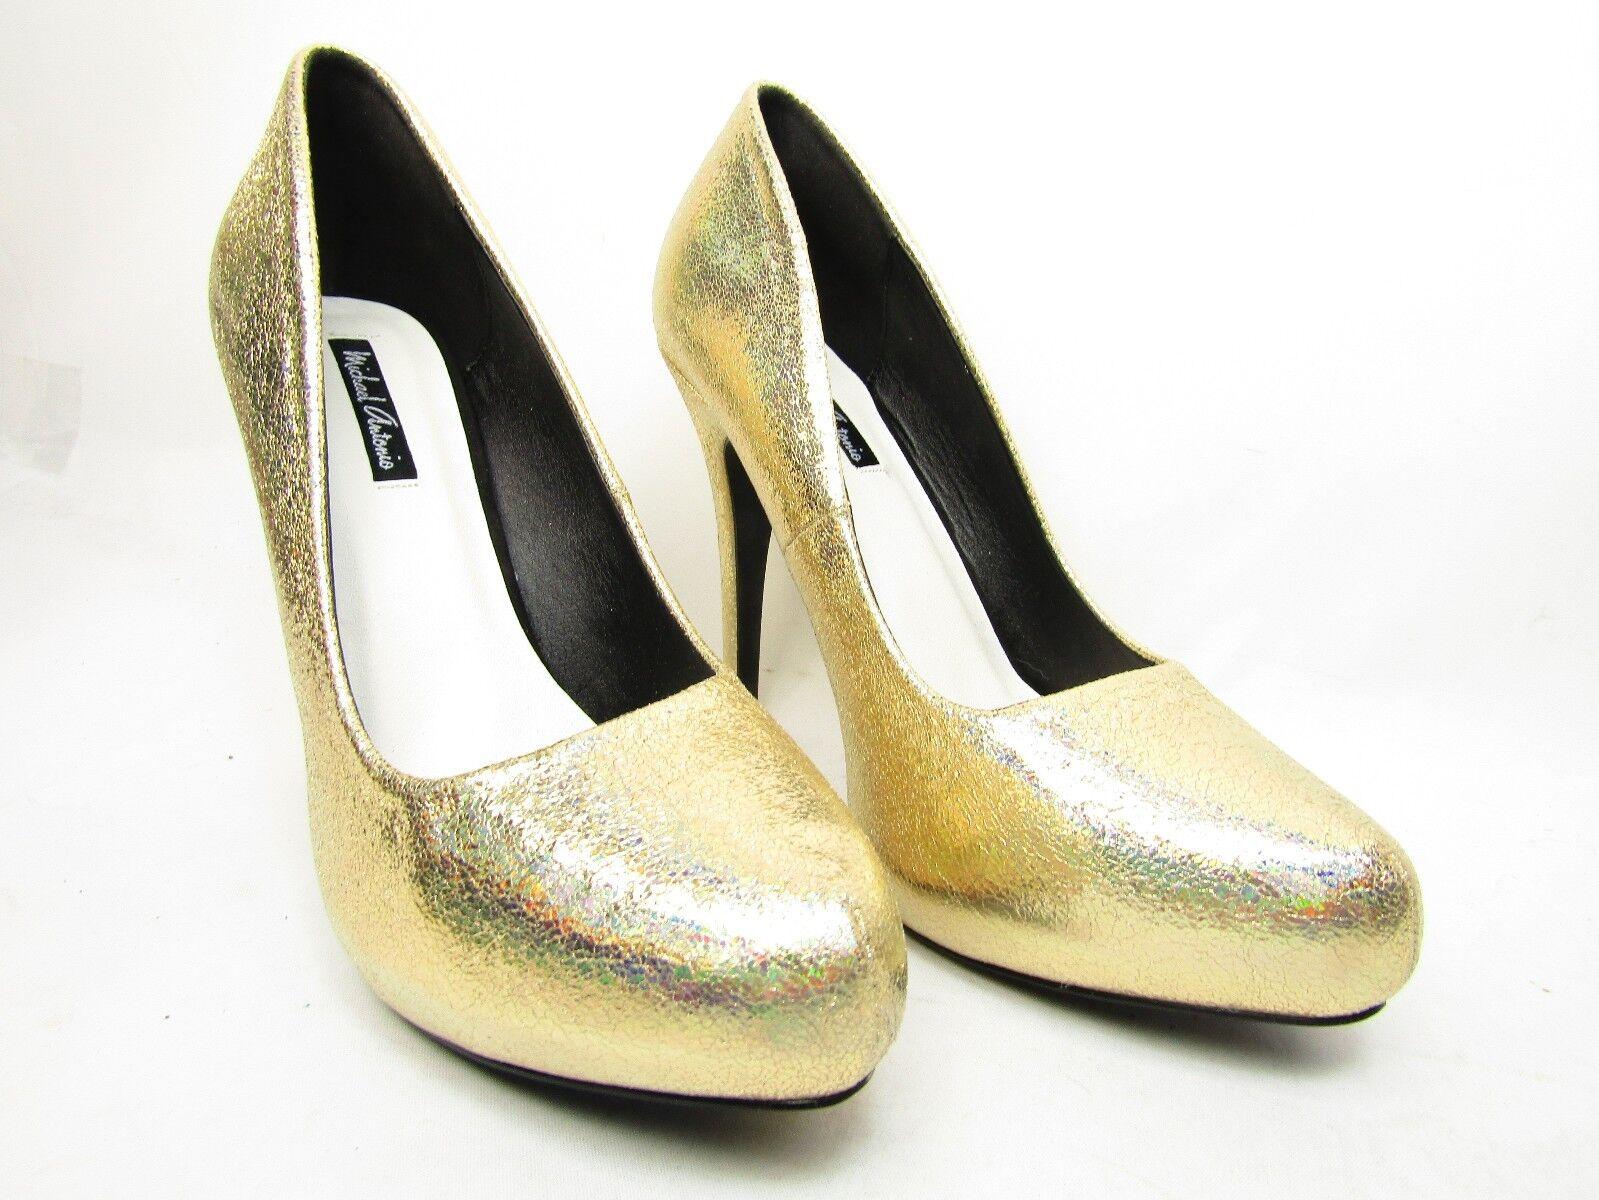 damen Michael Antonio Launey Pumps Gold Met Größe 8.5 8.5 8.5 54ff7e